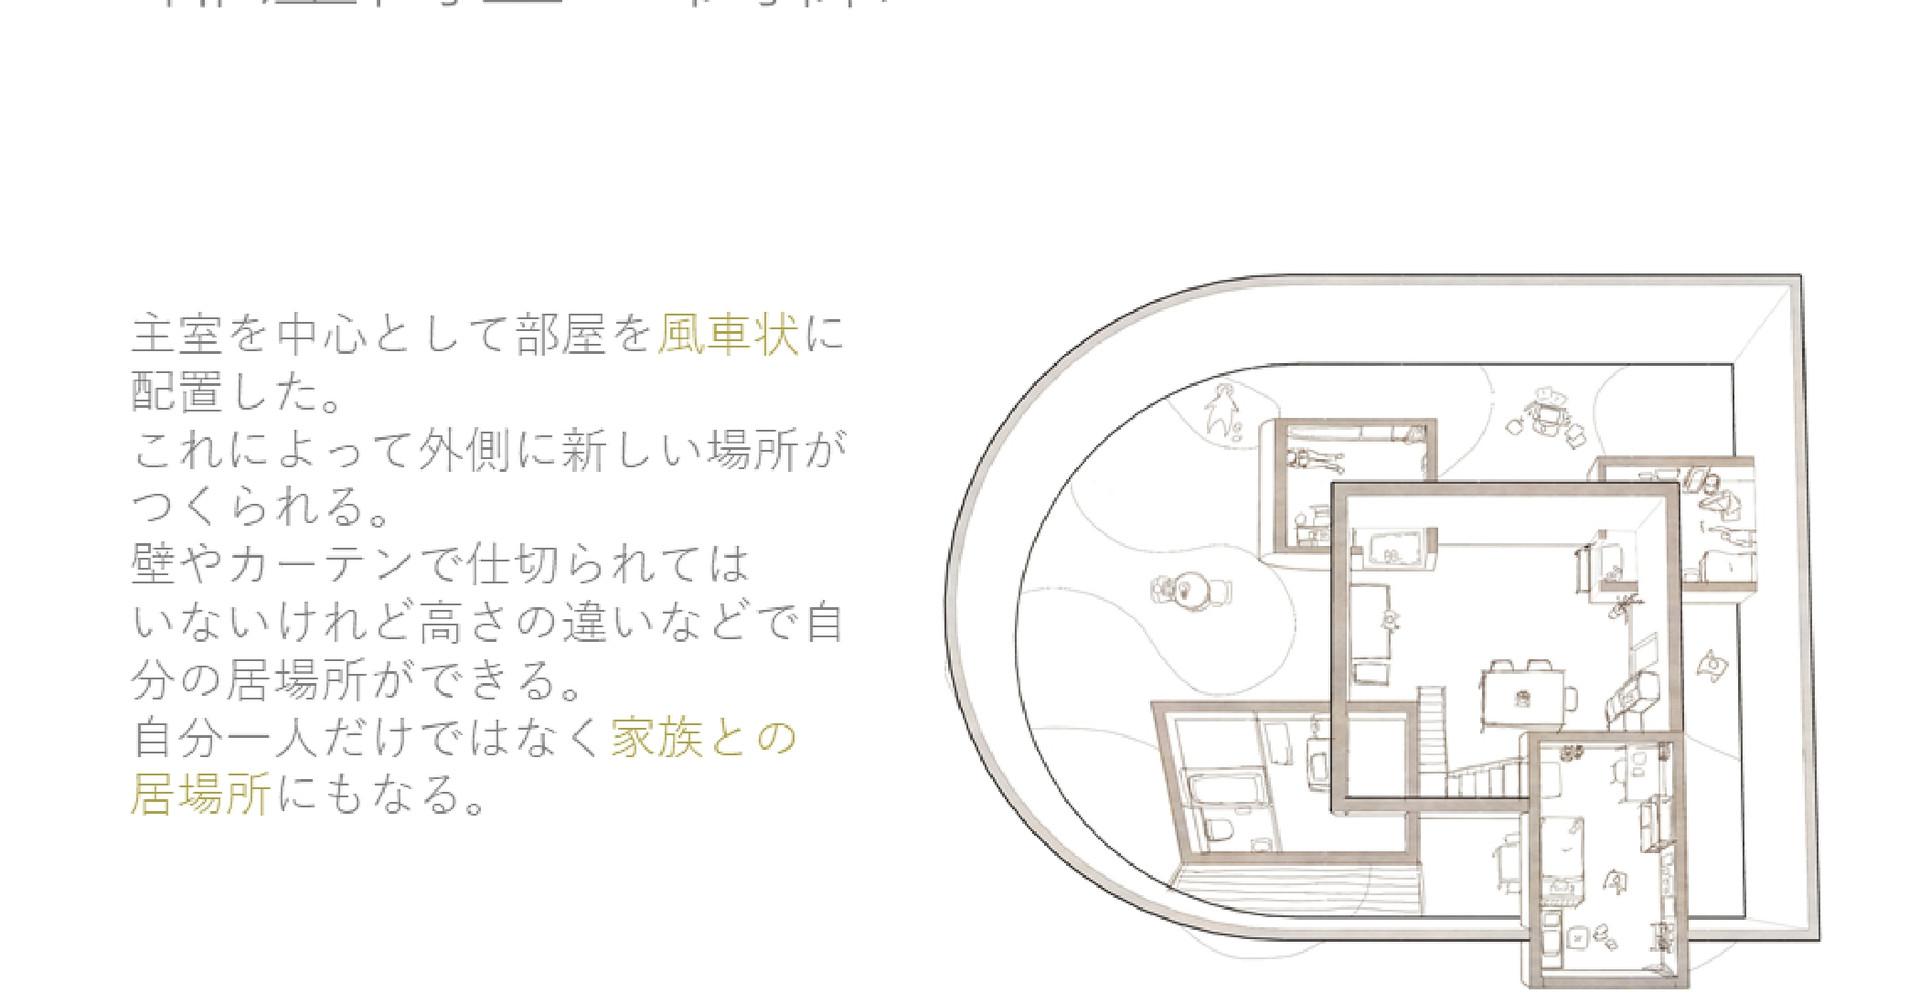 香川唯 設計製図Ⅲ 08.jpg